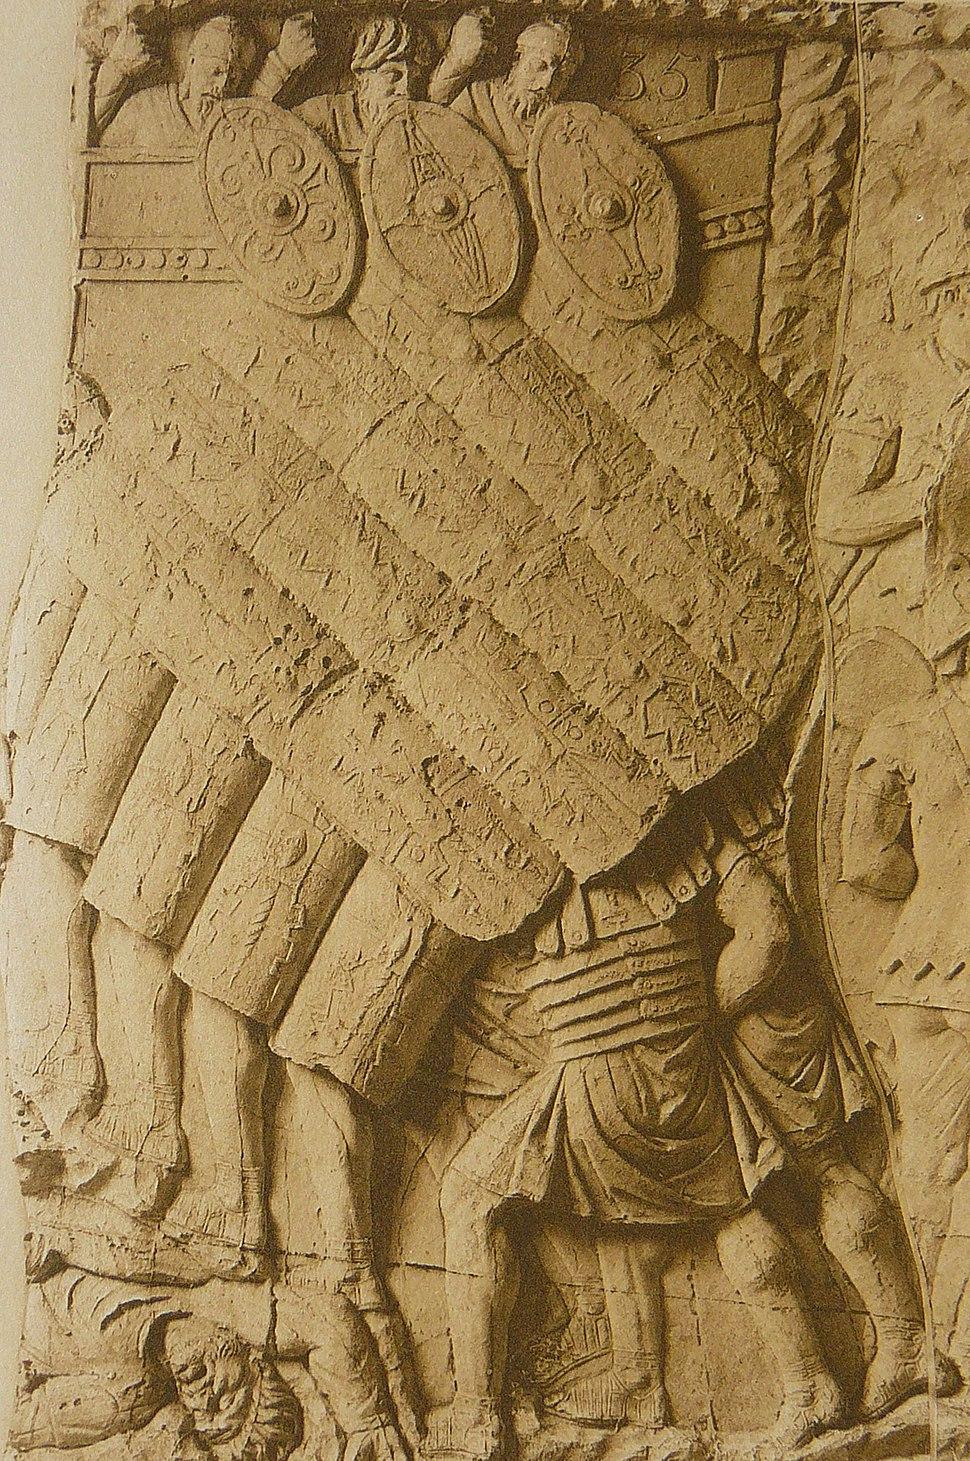 051 Conrad Cichorius, Die Reliefs der Traianssäule, Tafel LI (Ausschnitt 01)